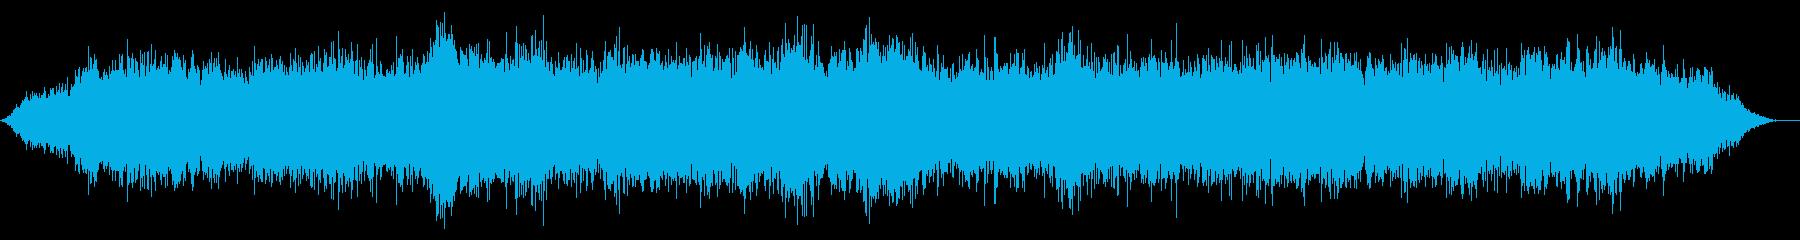 【ダークアンビエント】シーンBGM_03の再生済みの波形